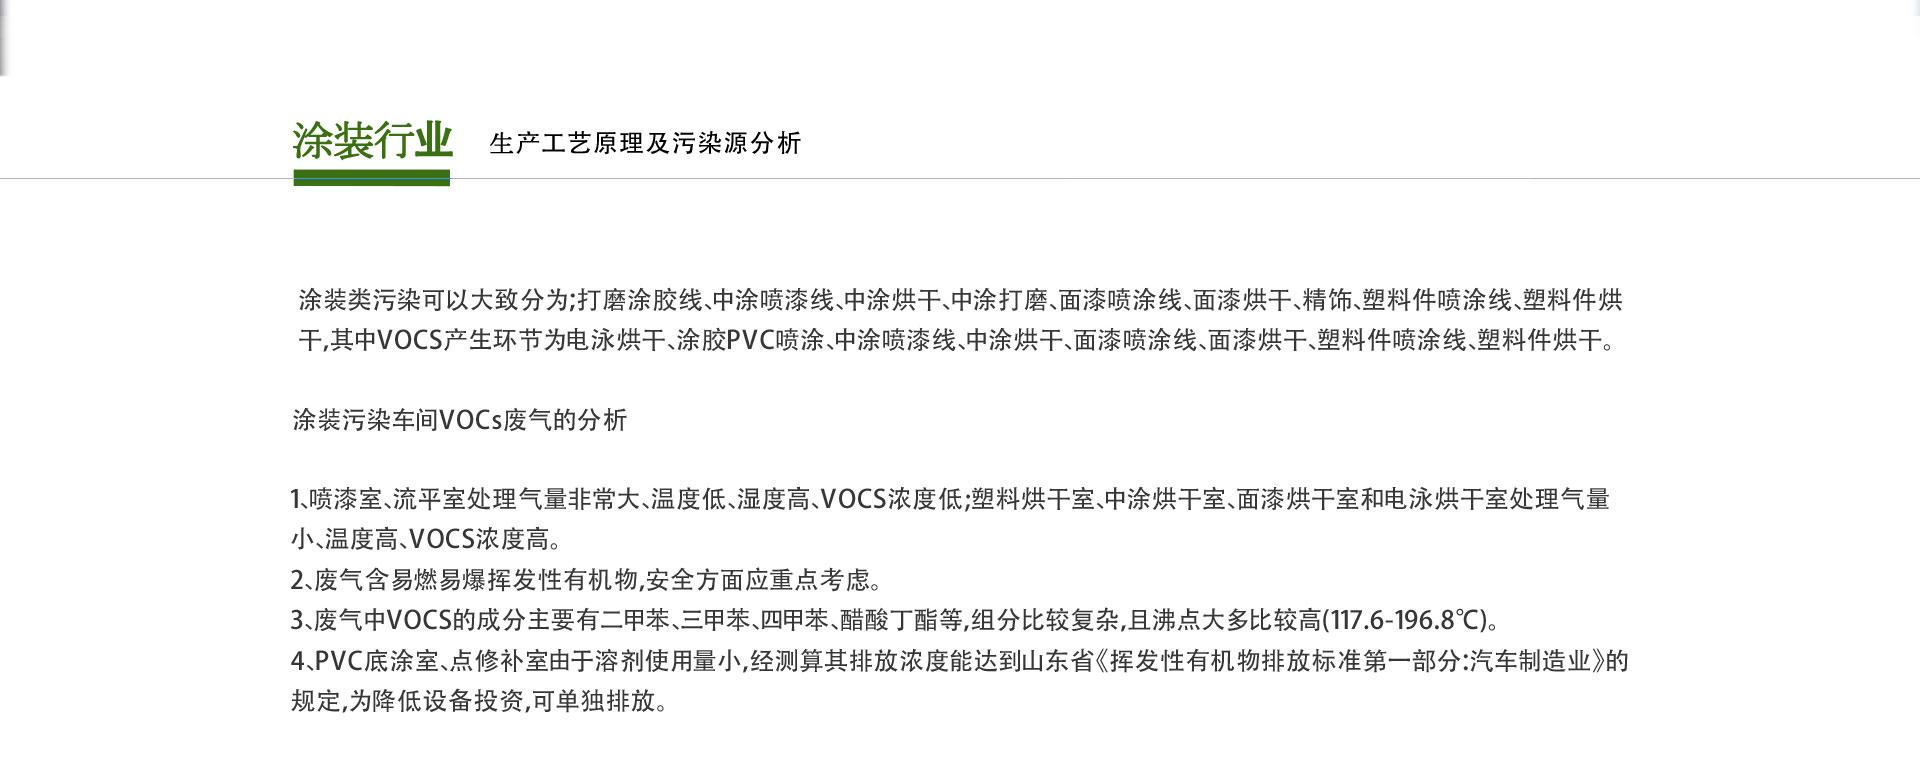 涂装行业VOCs废气治理设备